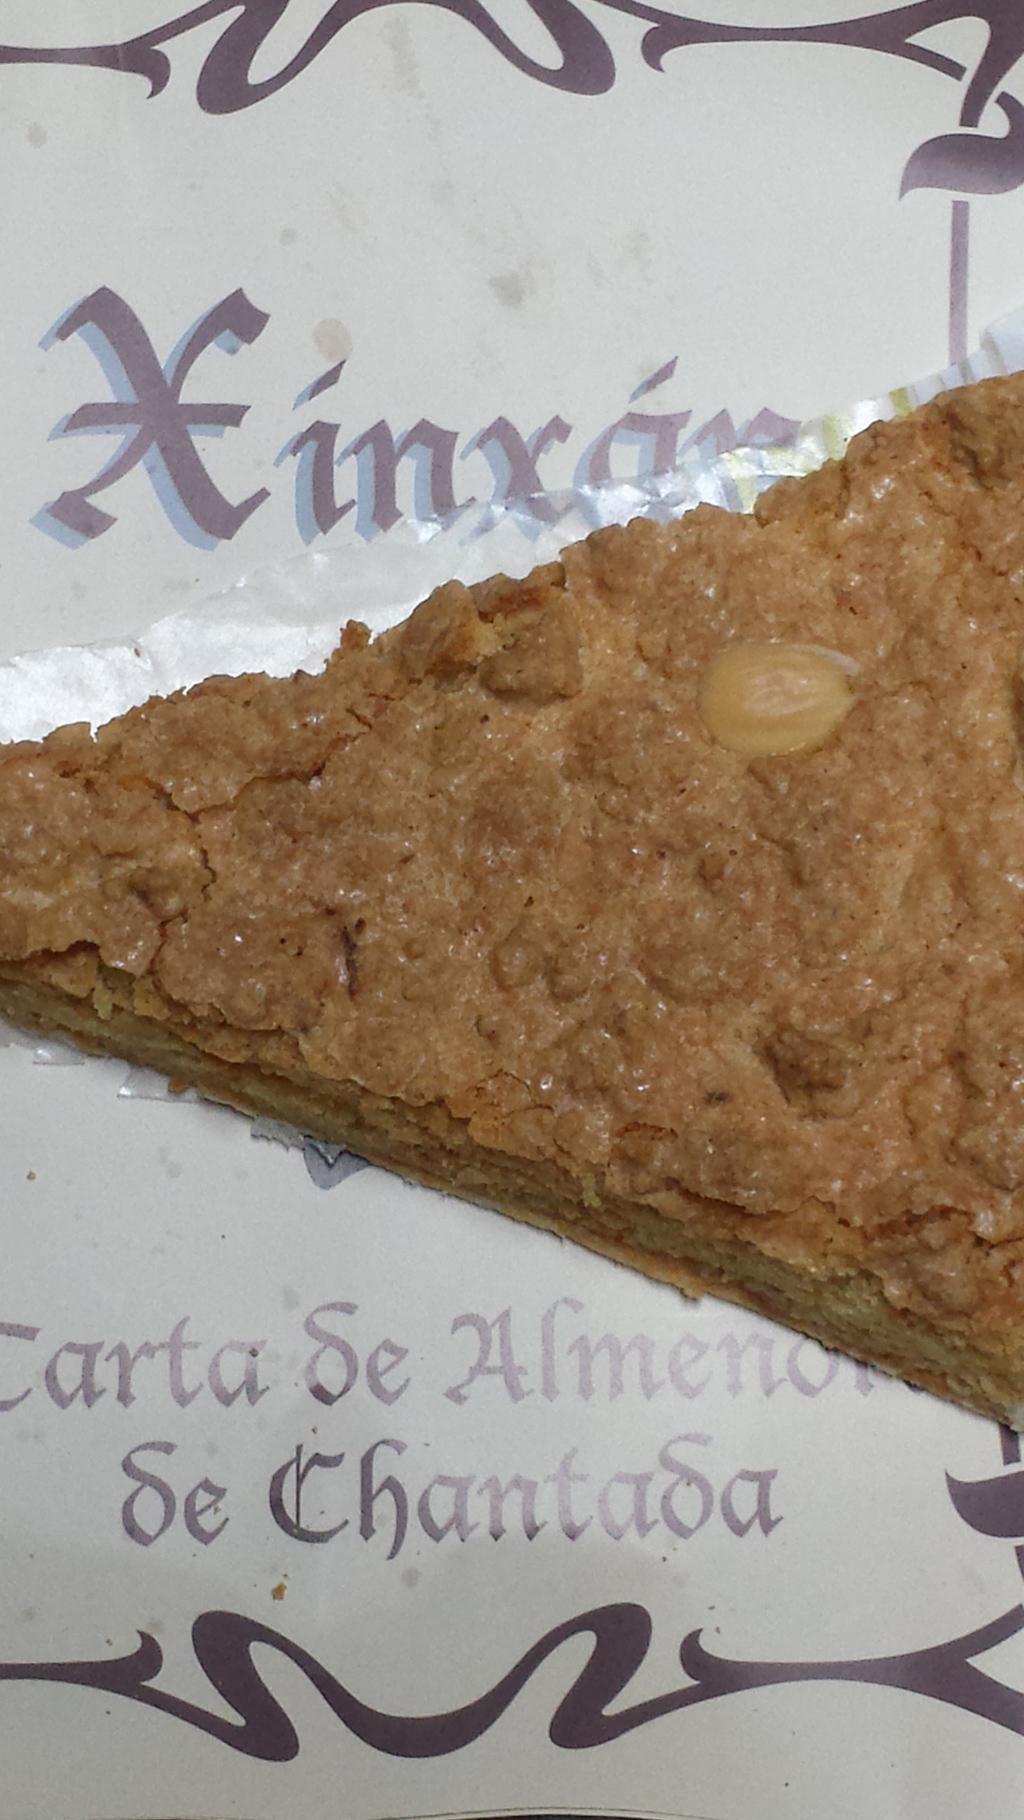 Panadería Xinxan de Chantada y su rica tarta de almendra